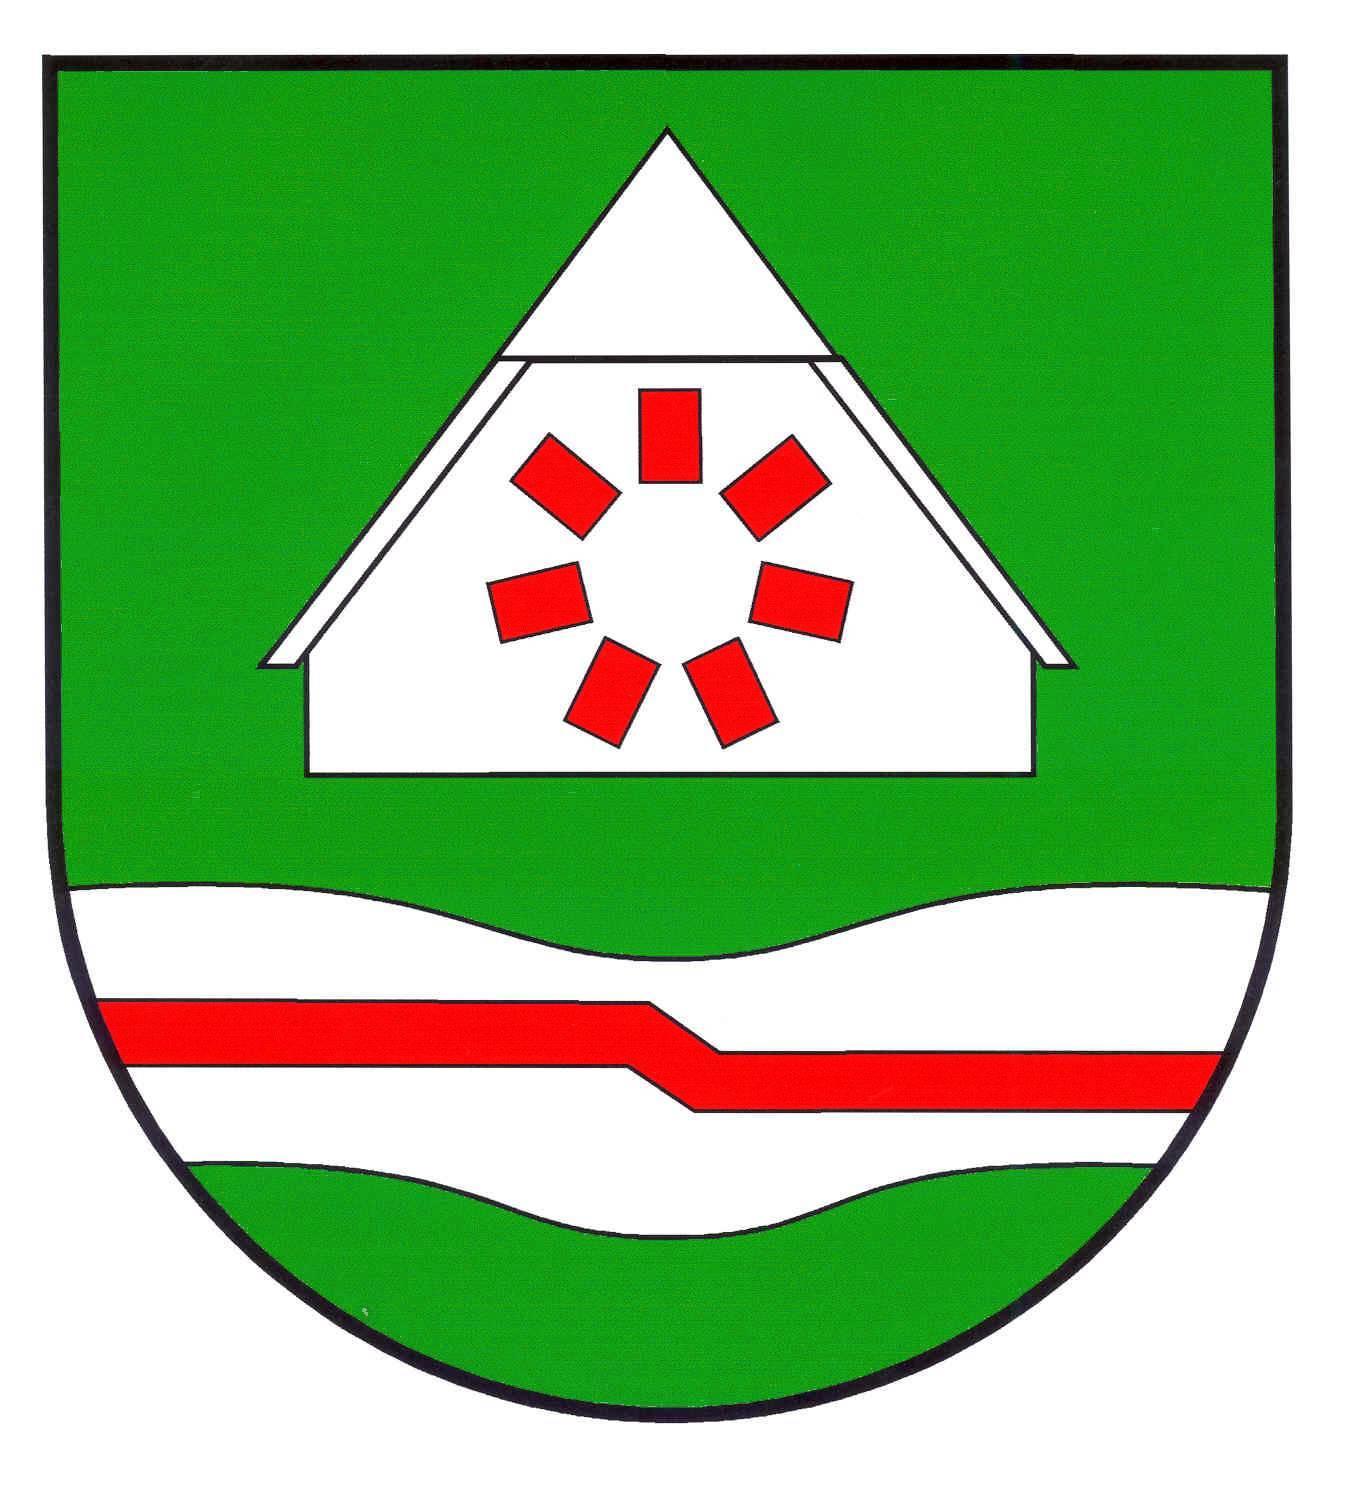 Wappen GemeindeKühsen, Kreis Herzogtum Lauenburg